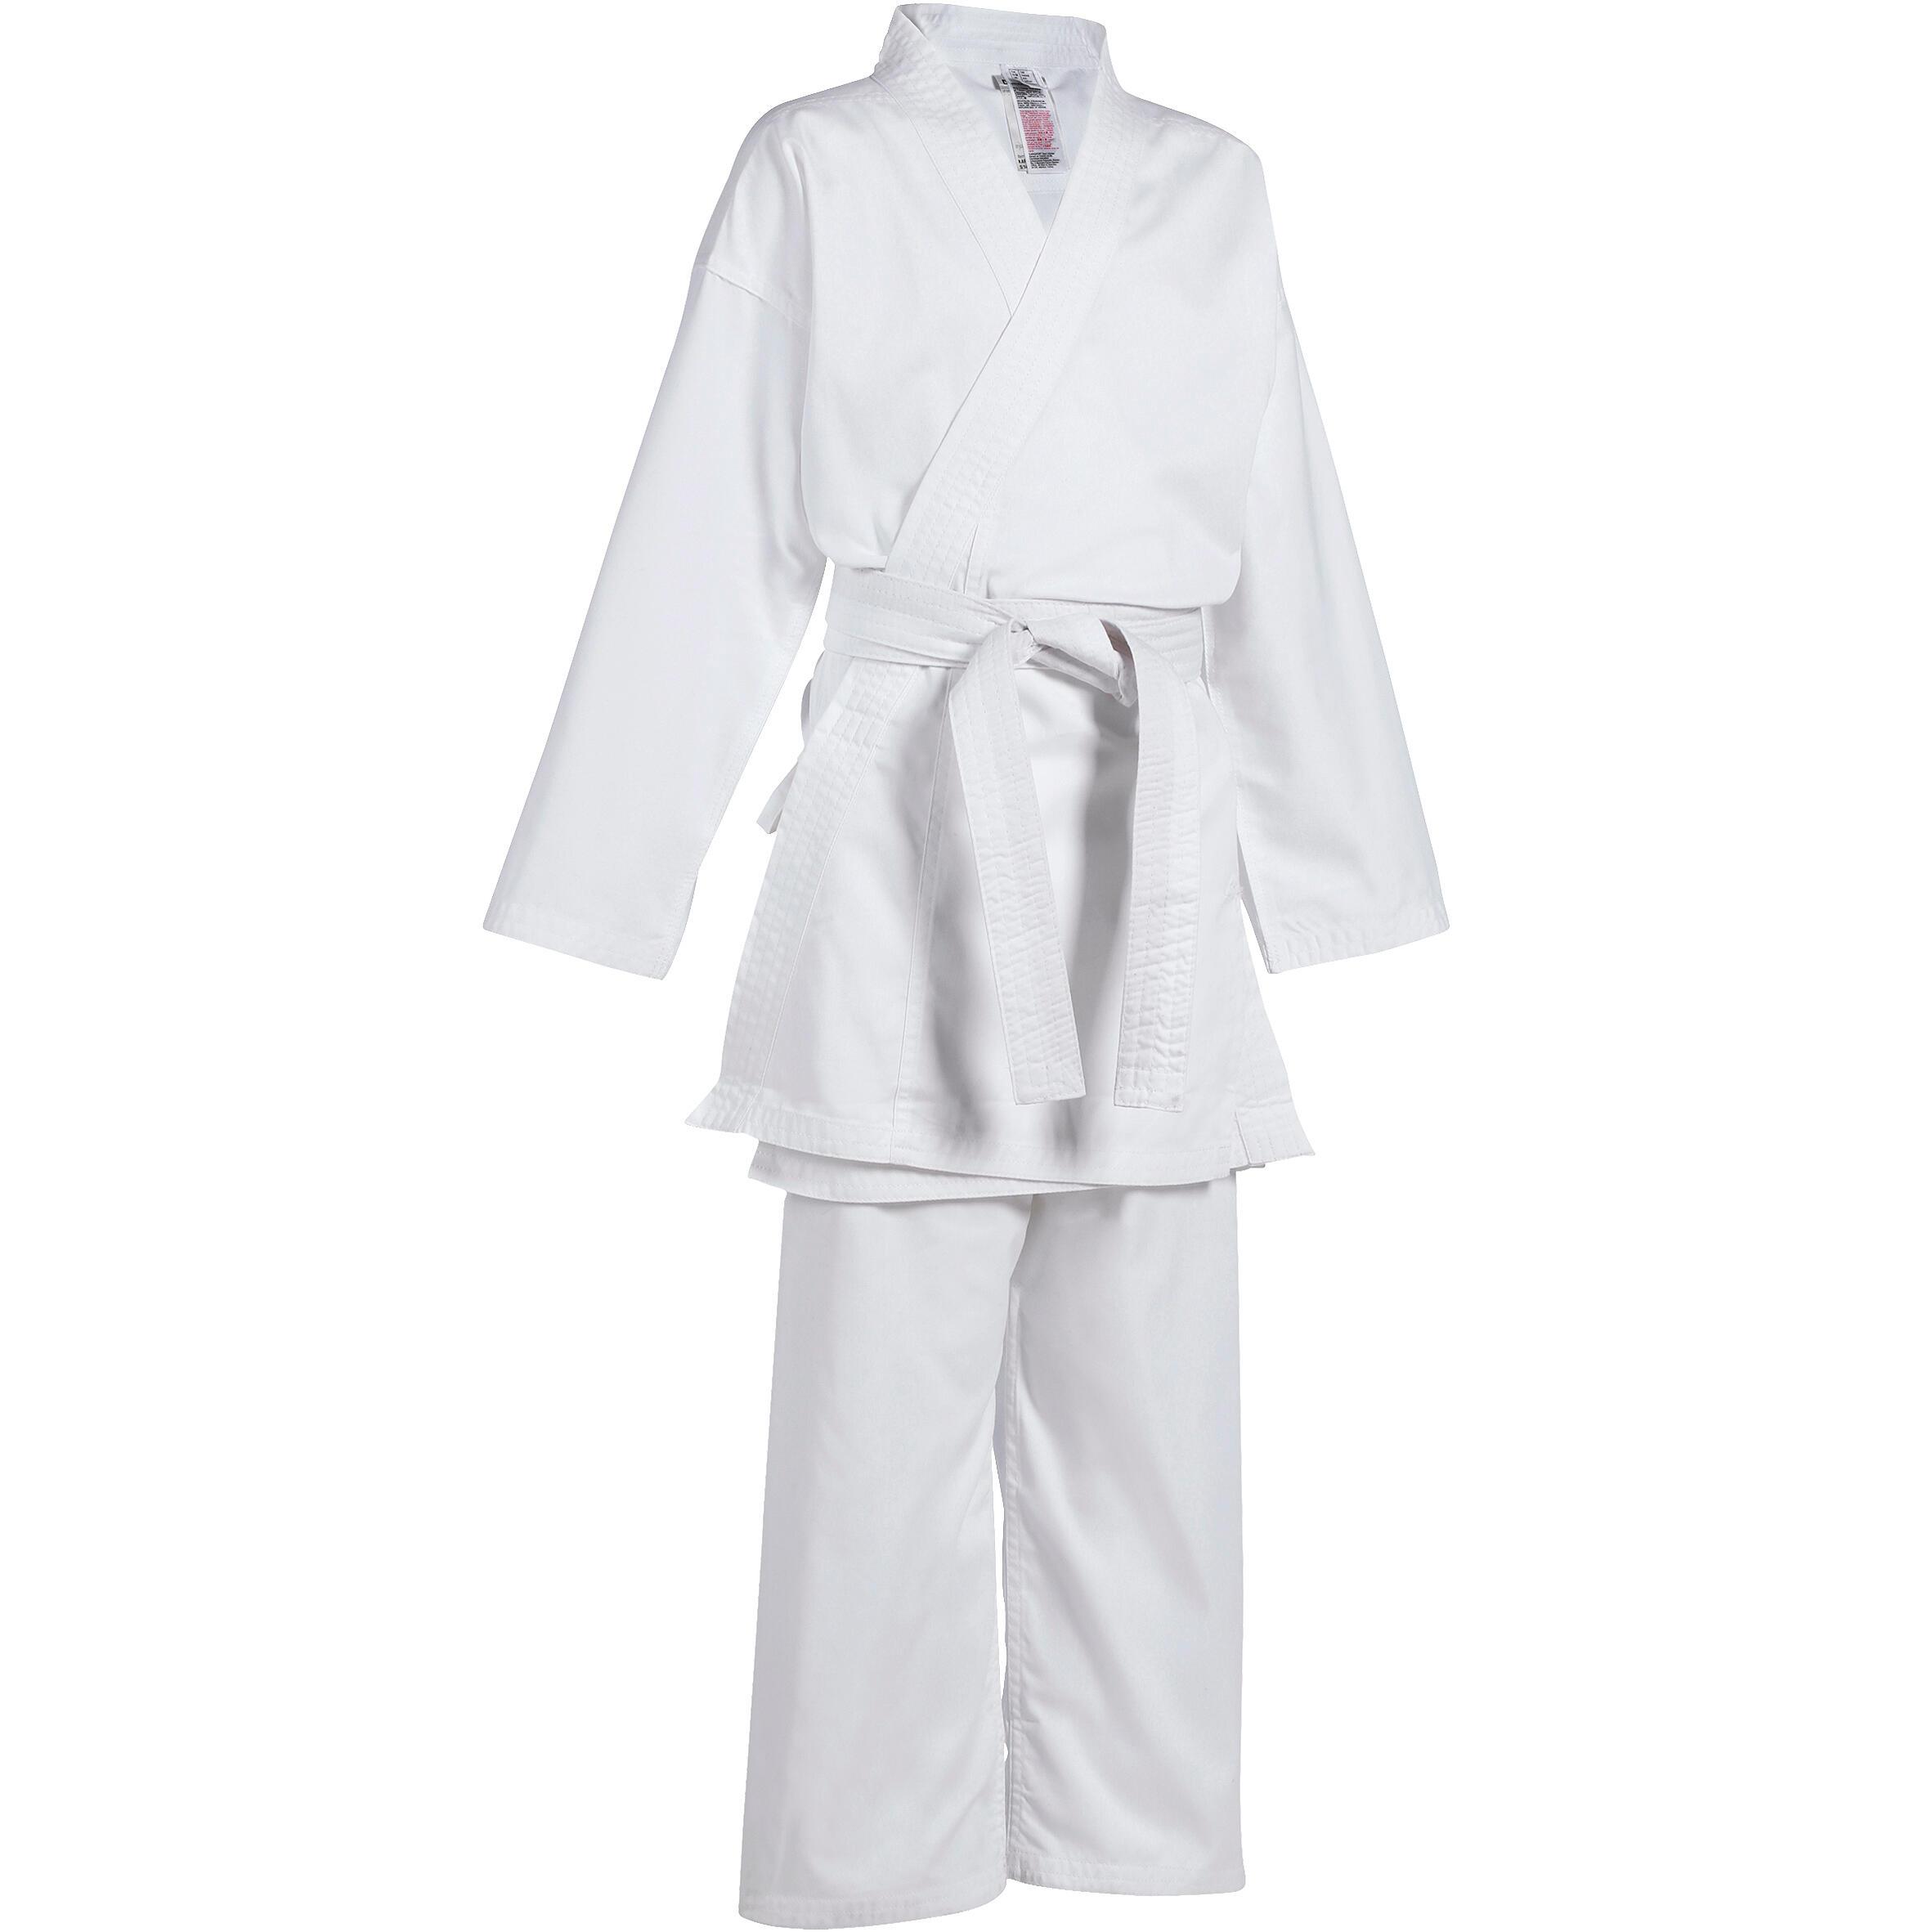 Karatepakken en banden kopen met voordeel